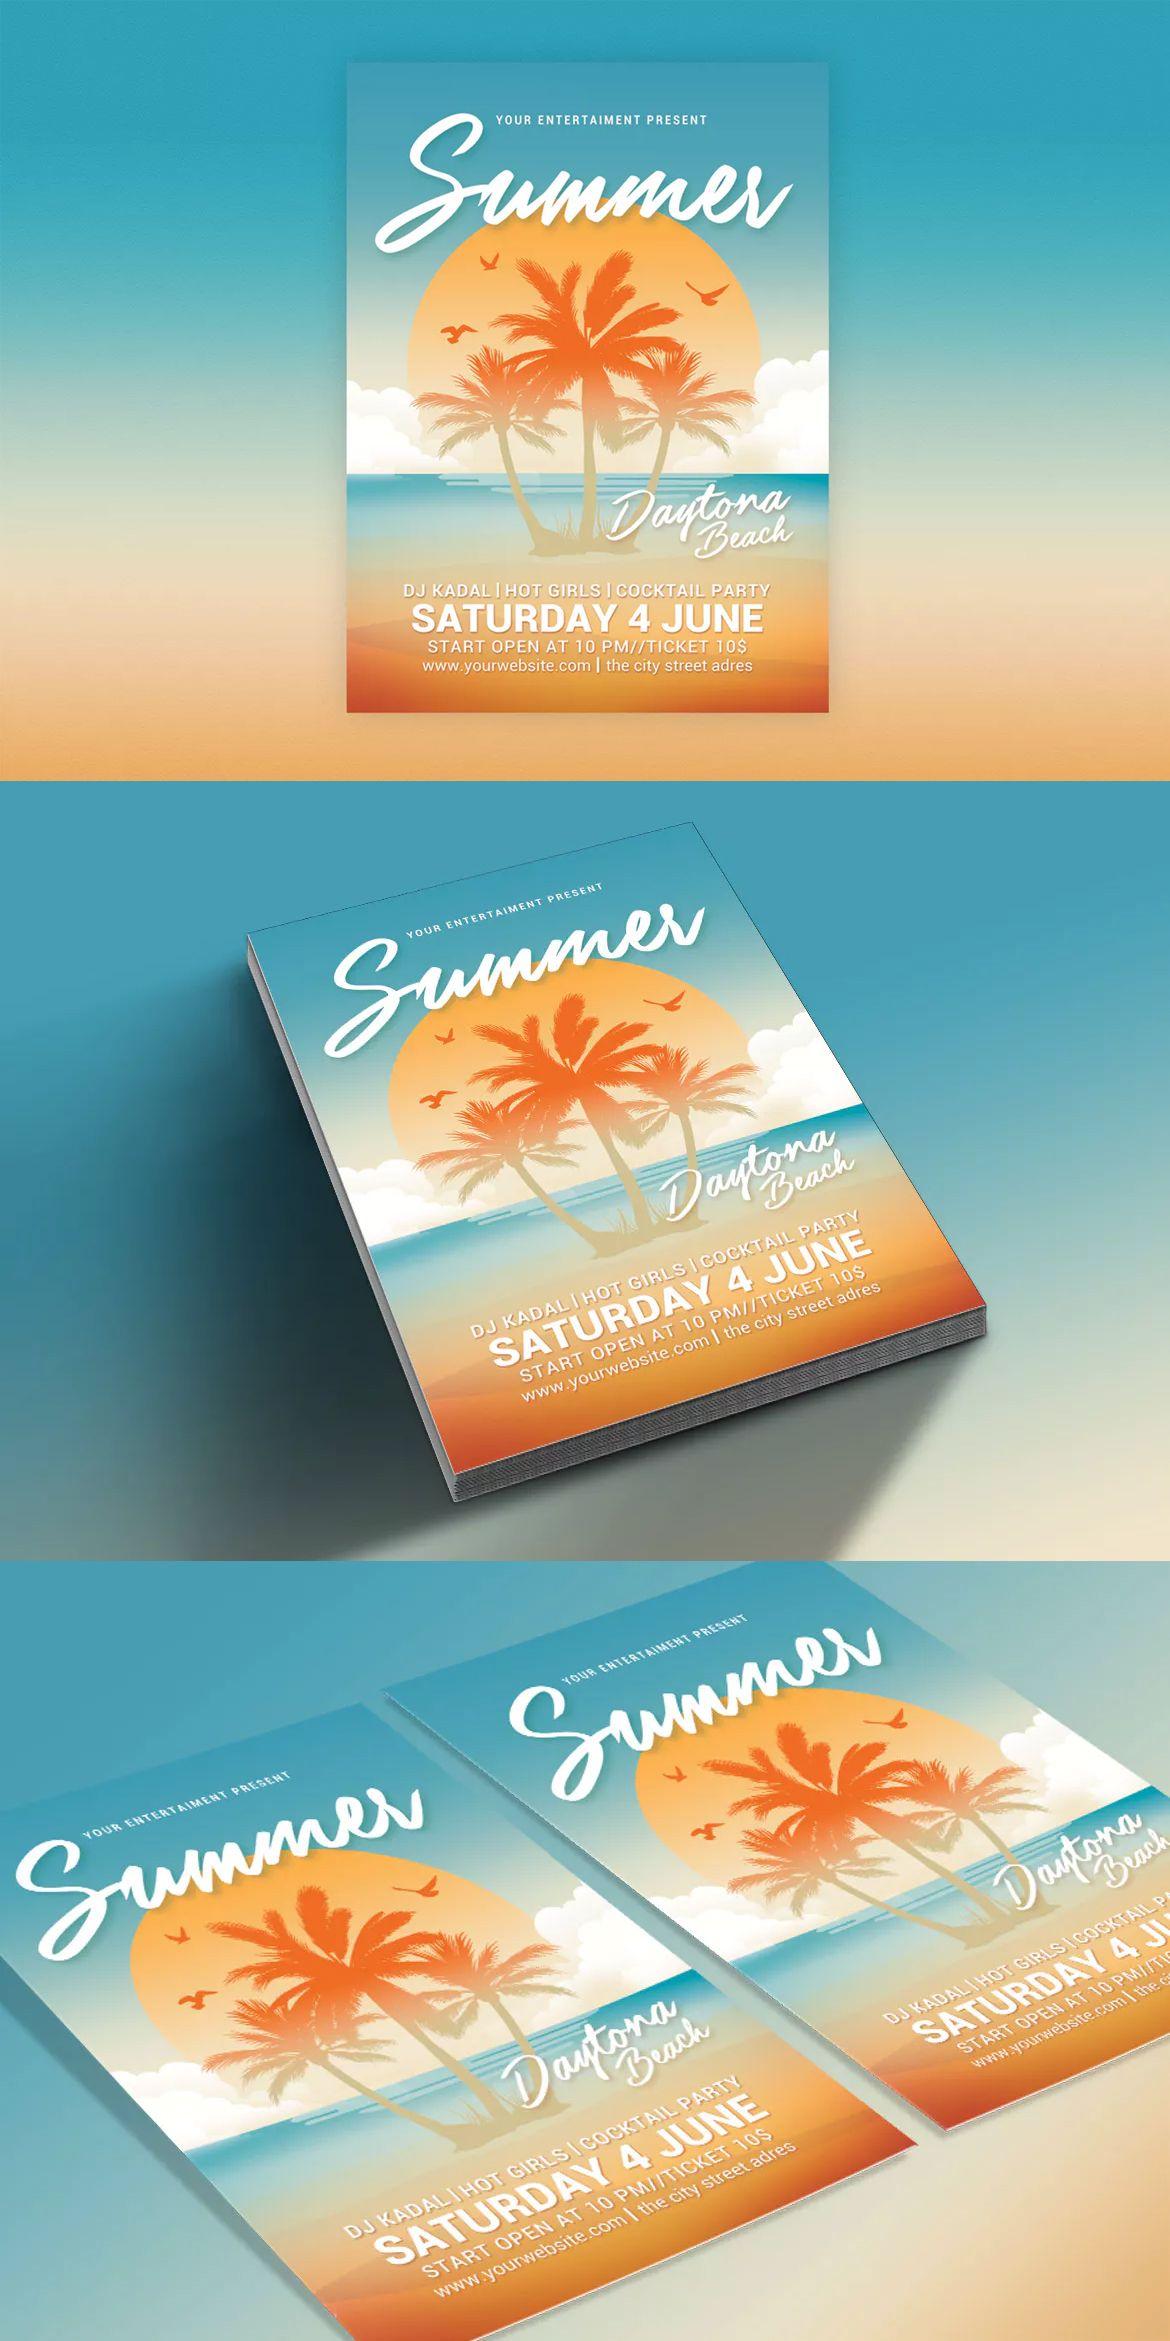 Summer Beach Party Flyer Template Psd Flyer Templates Pinterest